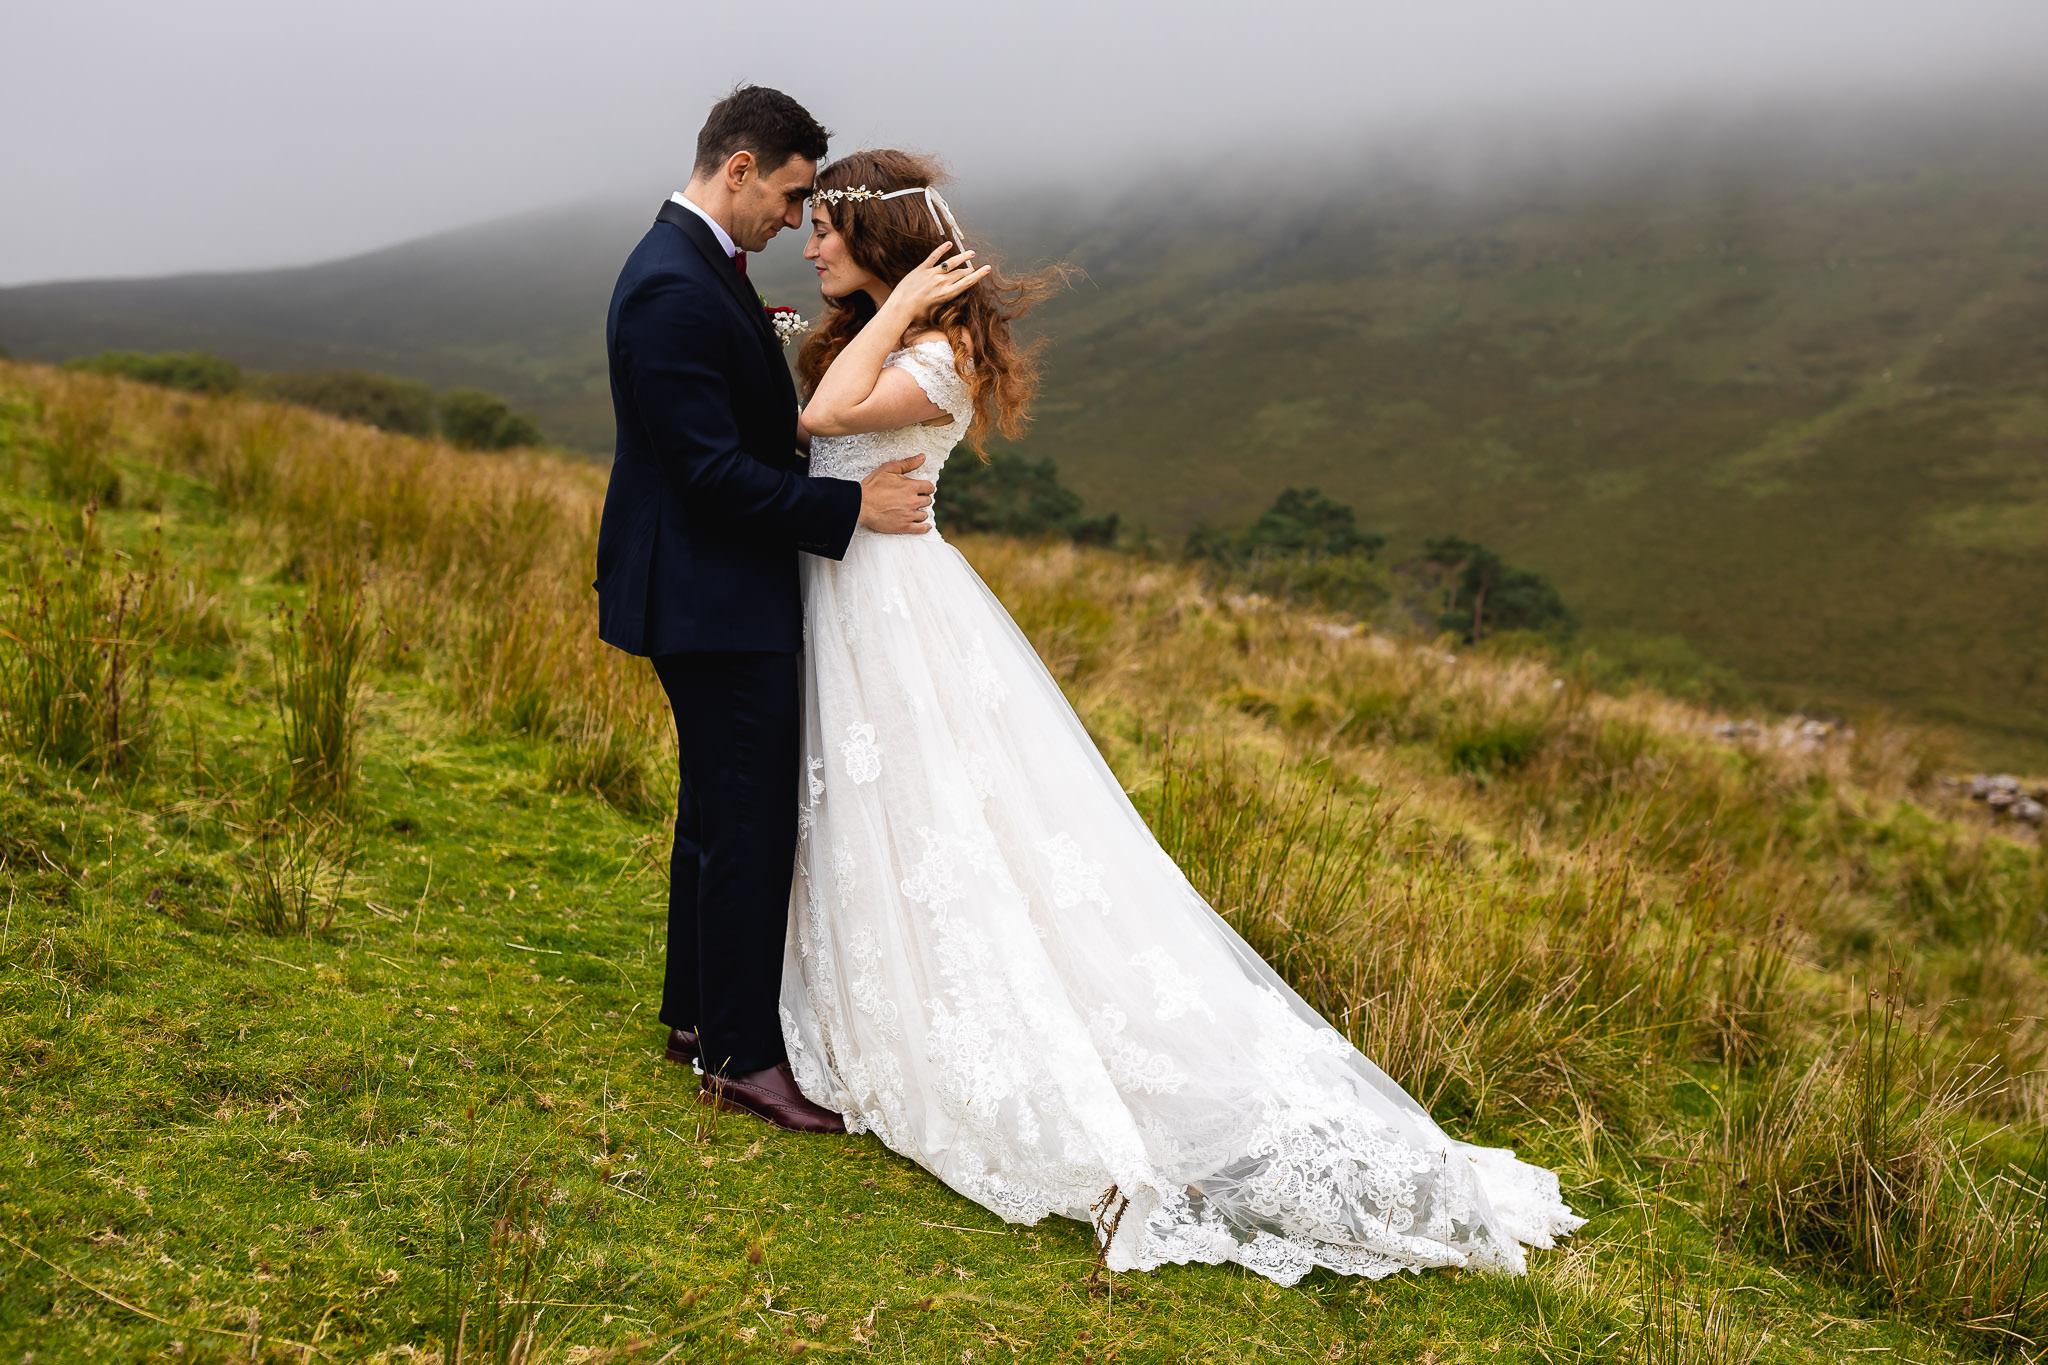 Craig y nos castle wedding - Brecon Wedding Photographer South Wales